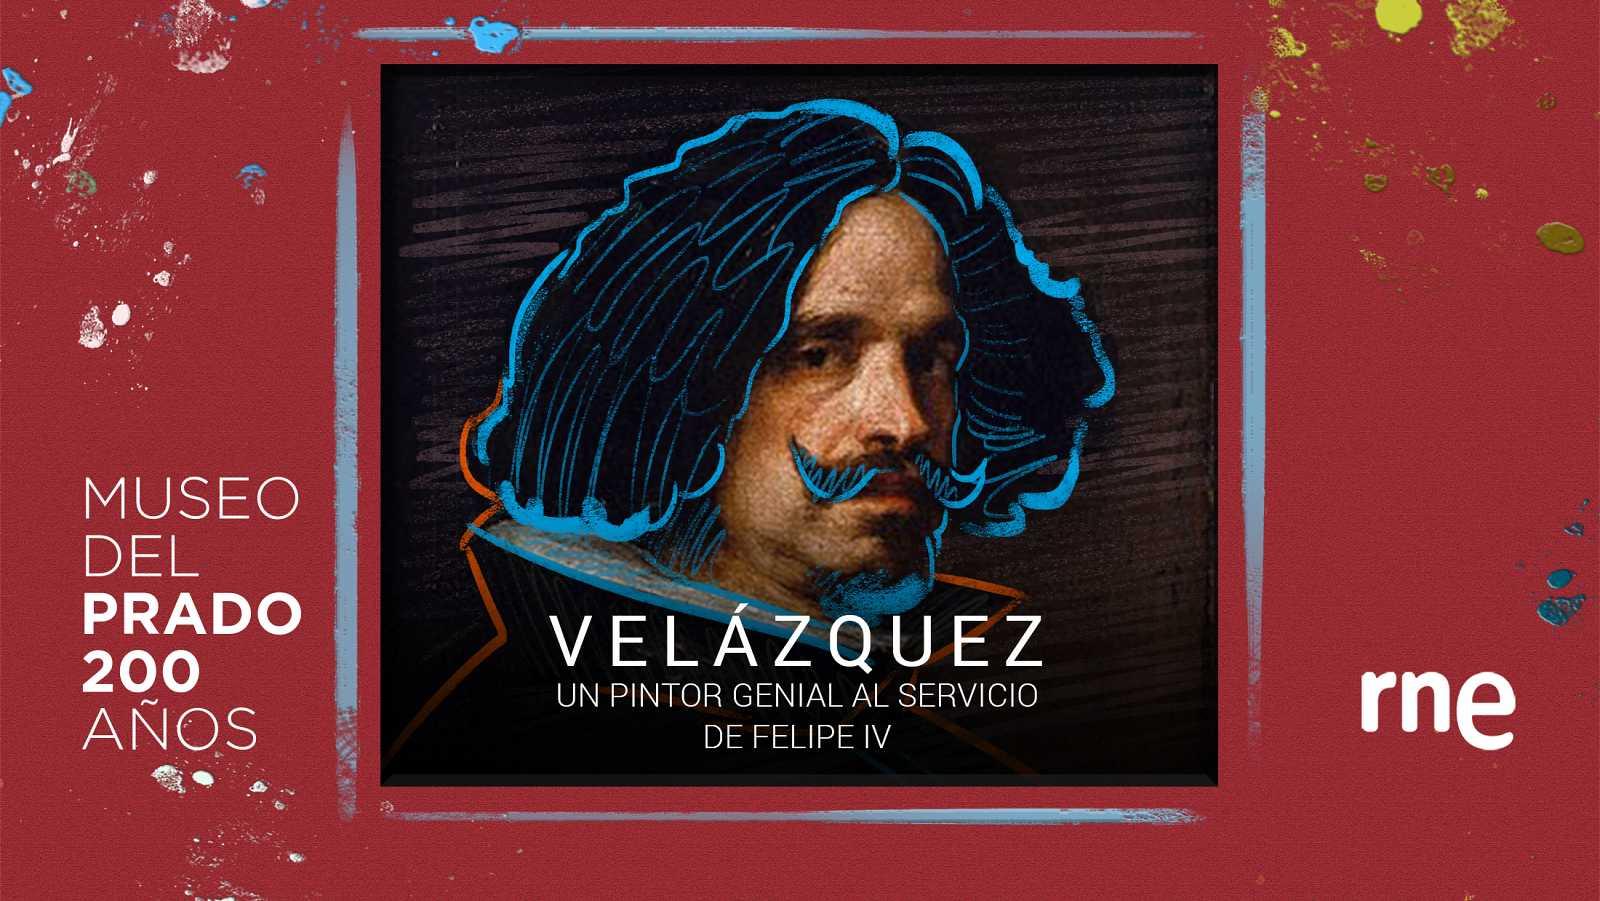 Documentos RNE - Velázquez, un pintor genial al servicio de Felipe IV - Ver ahora